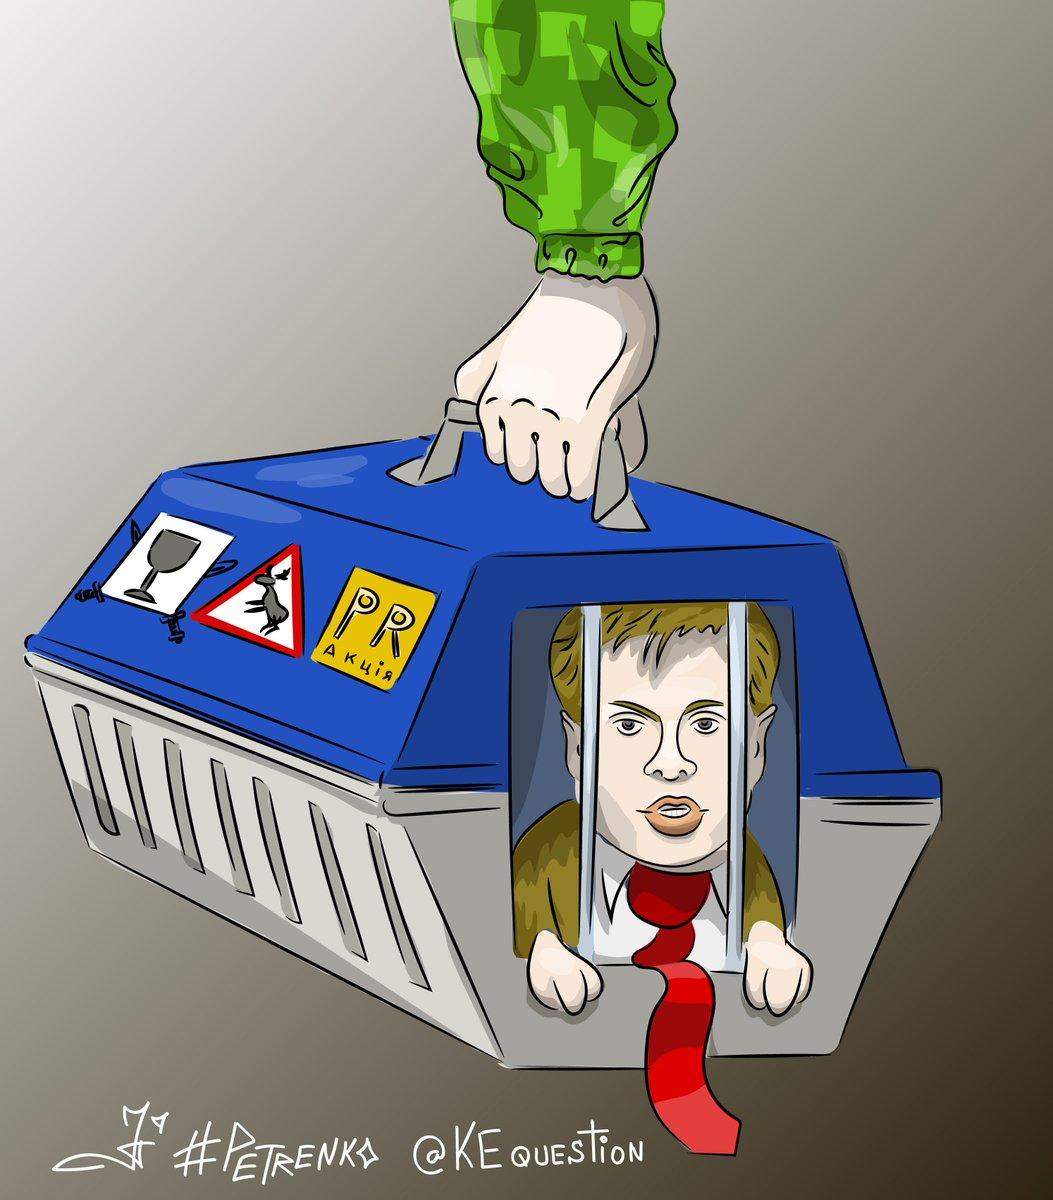 """""""Он будет слепой и хромой"""", - злоумышленники обсуждают план похищения Гончаренко - Цензор.НЕТ 1159"""